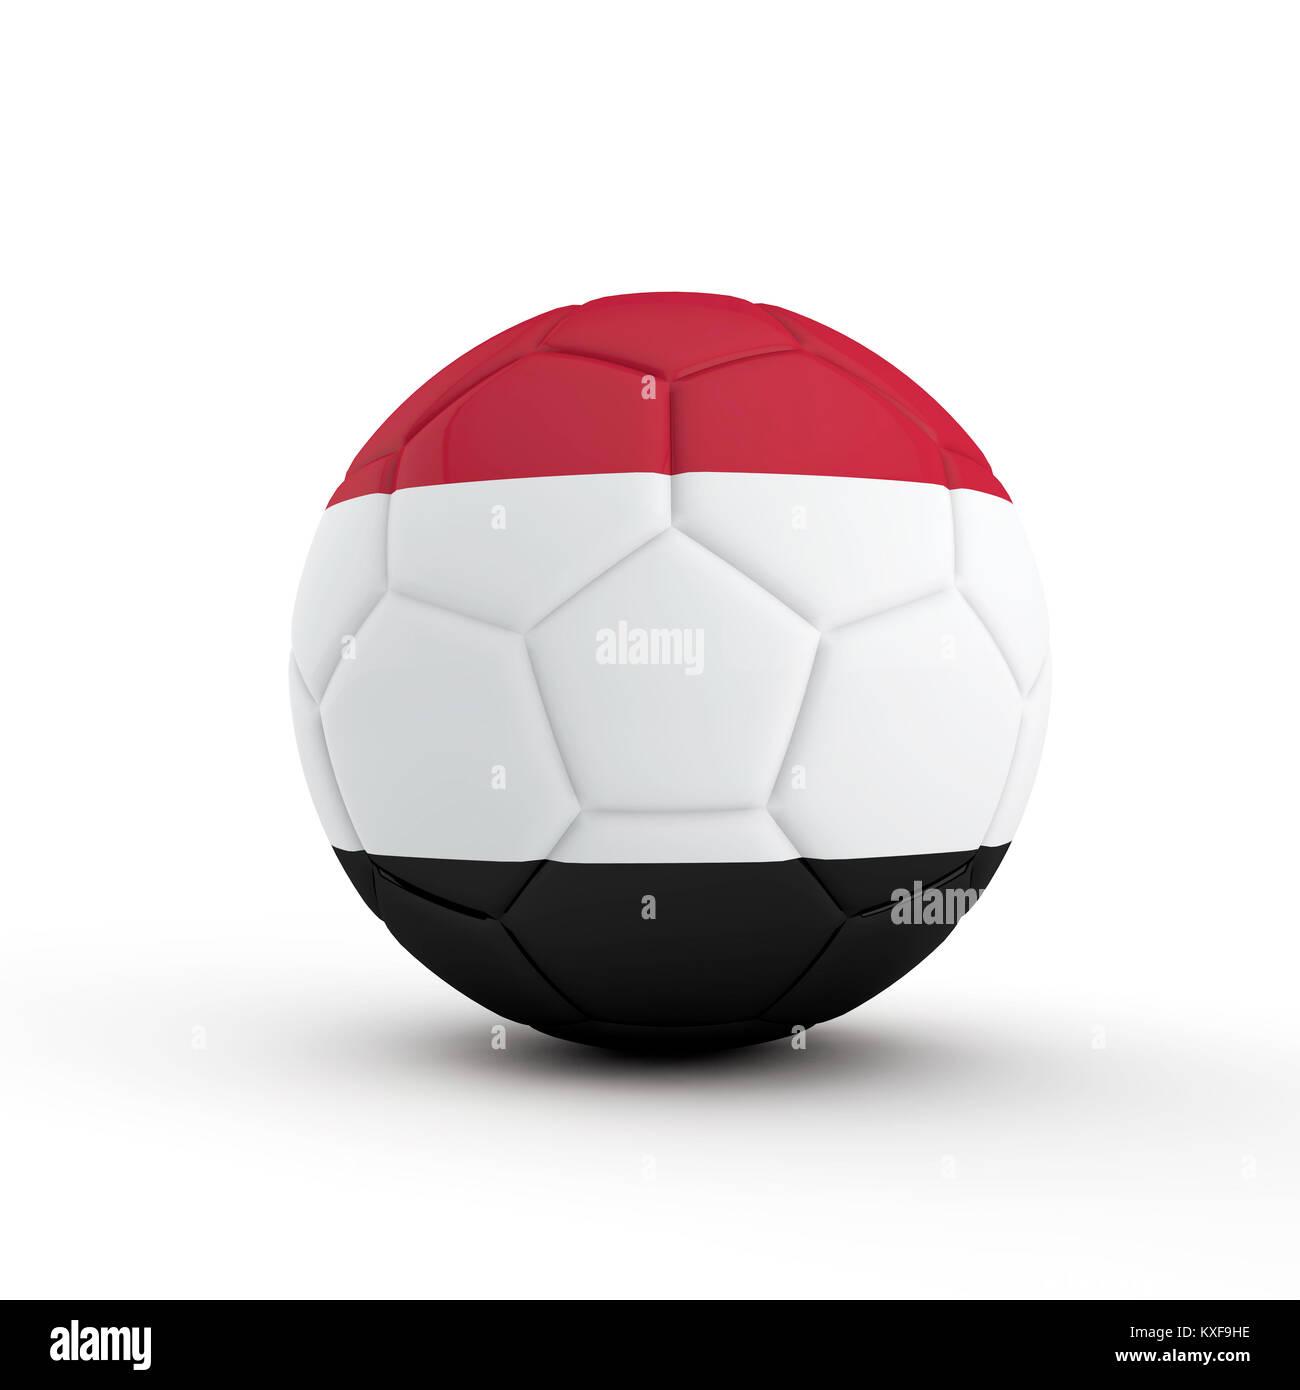 Yemen flag soccer football against a plain white background. 3D Rendering Stock Photo